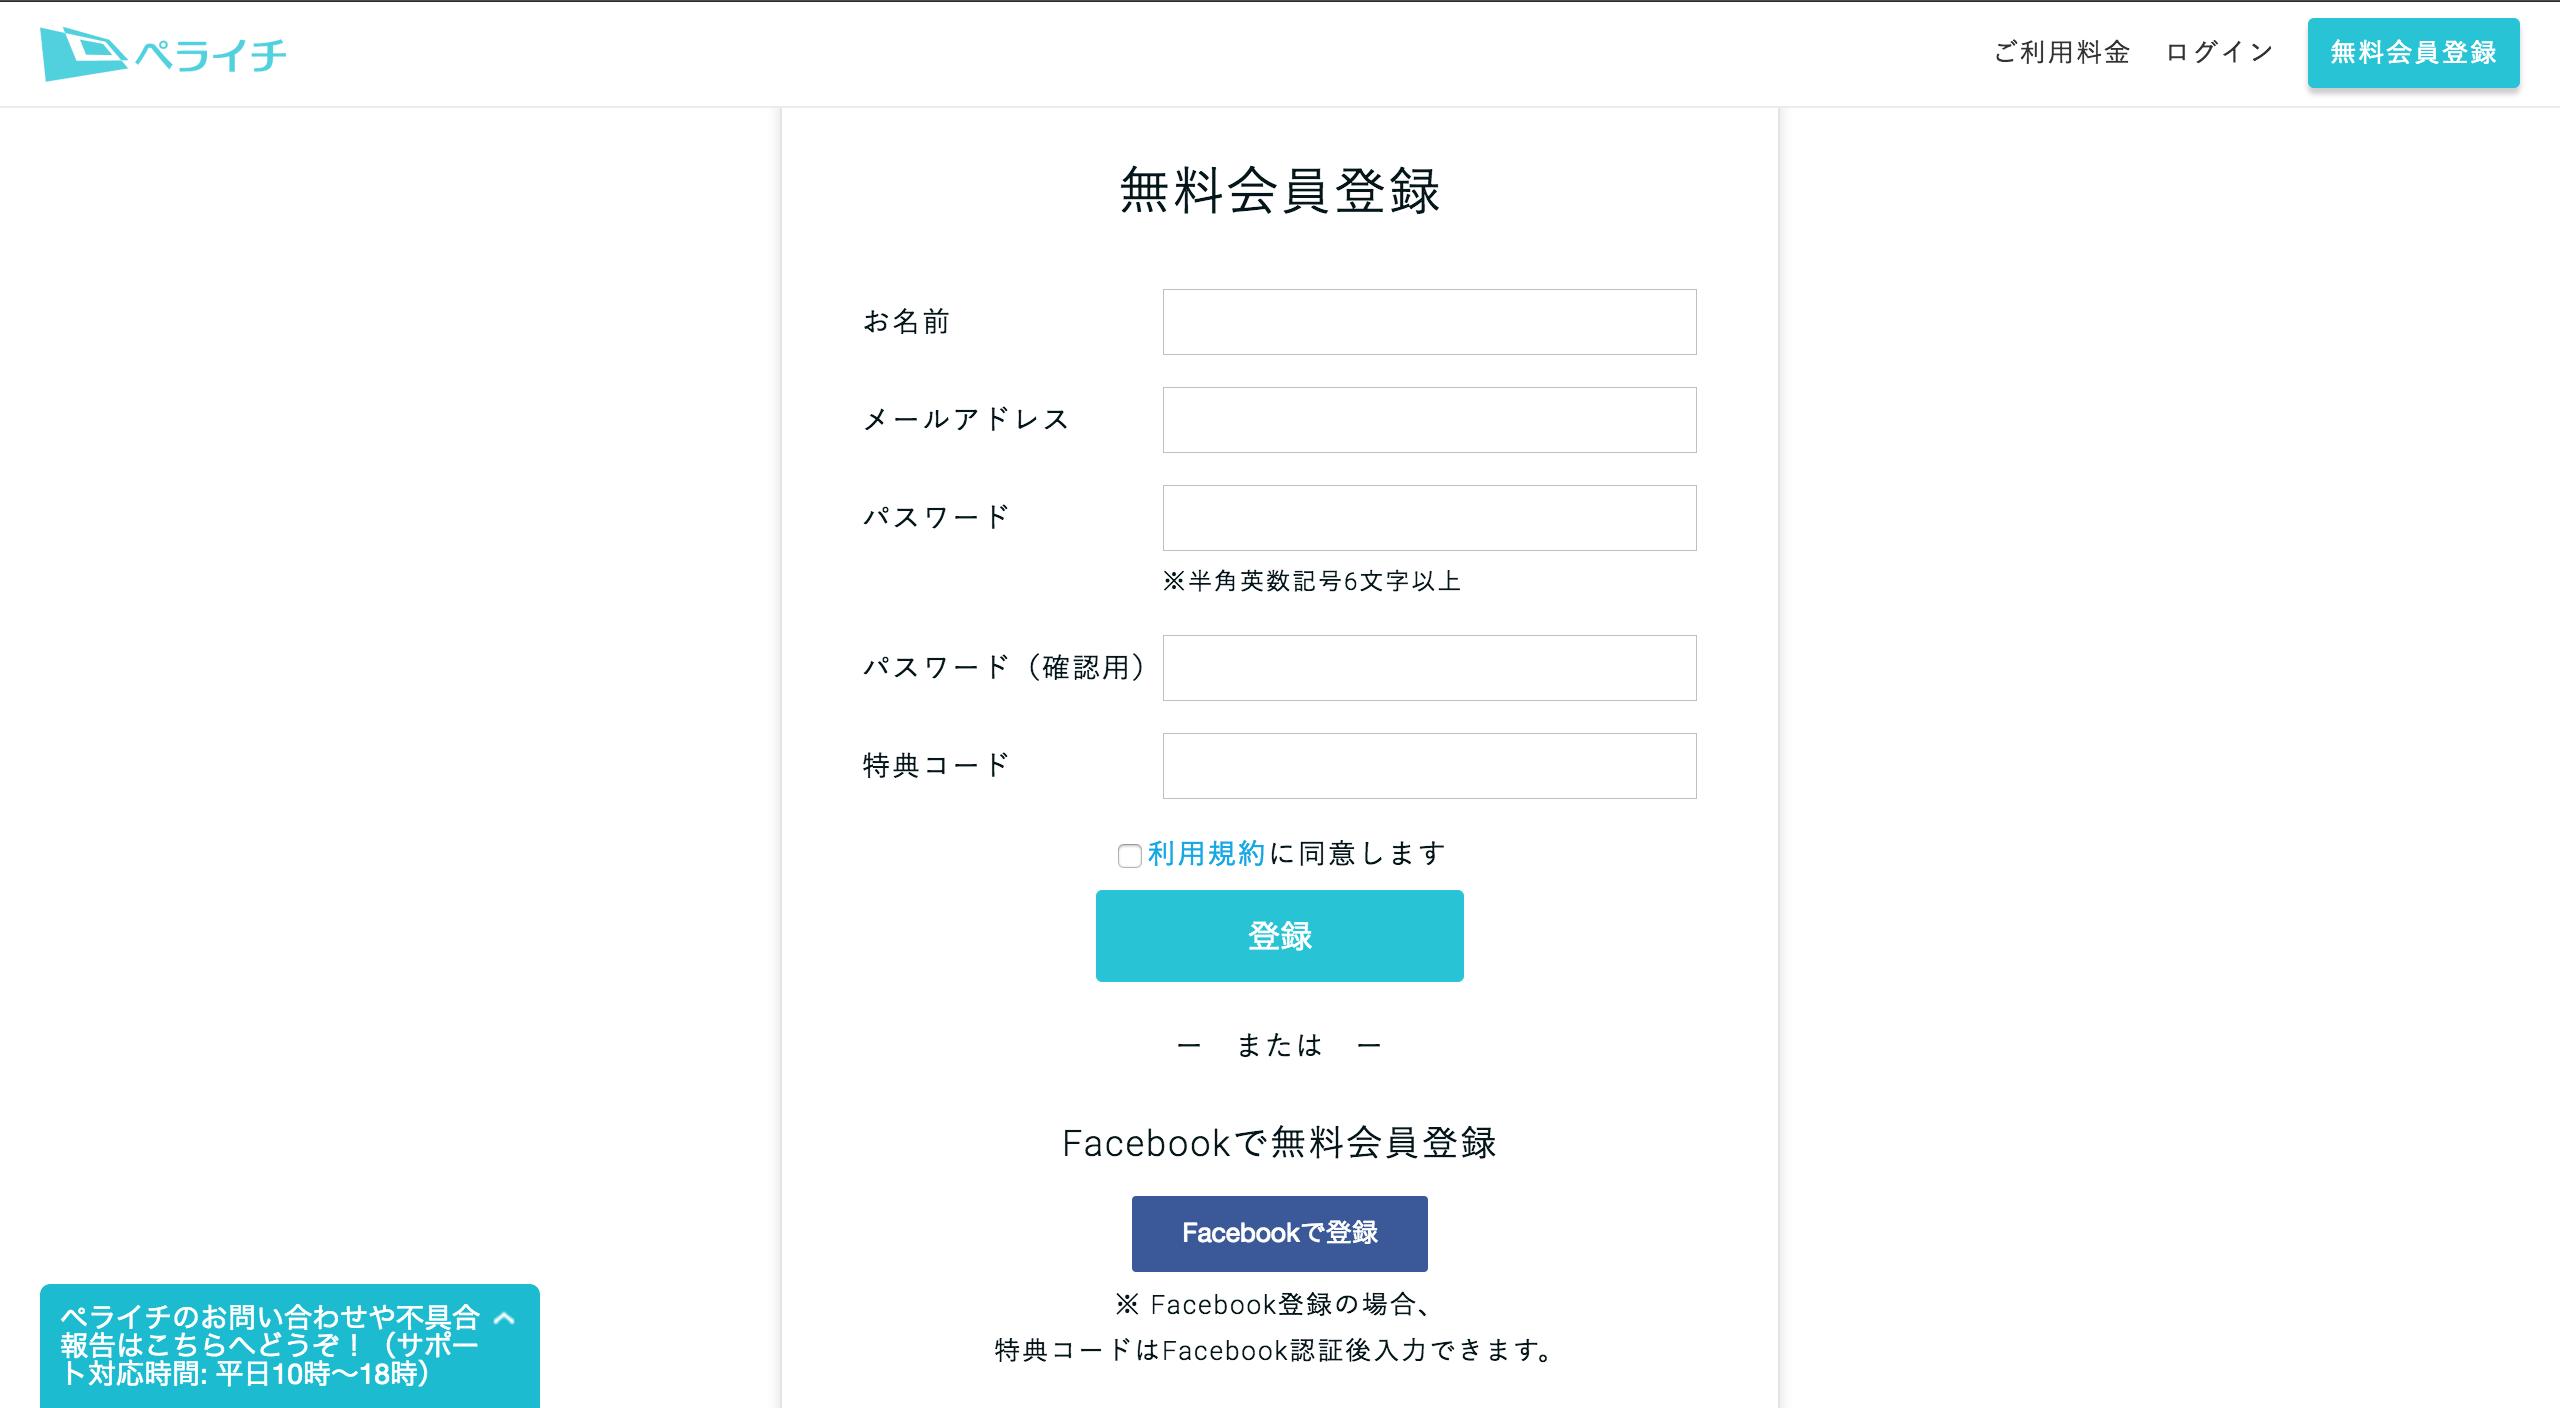 特典コードがある方の会員登録画面